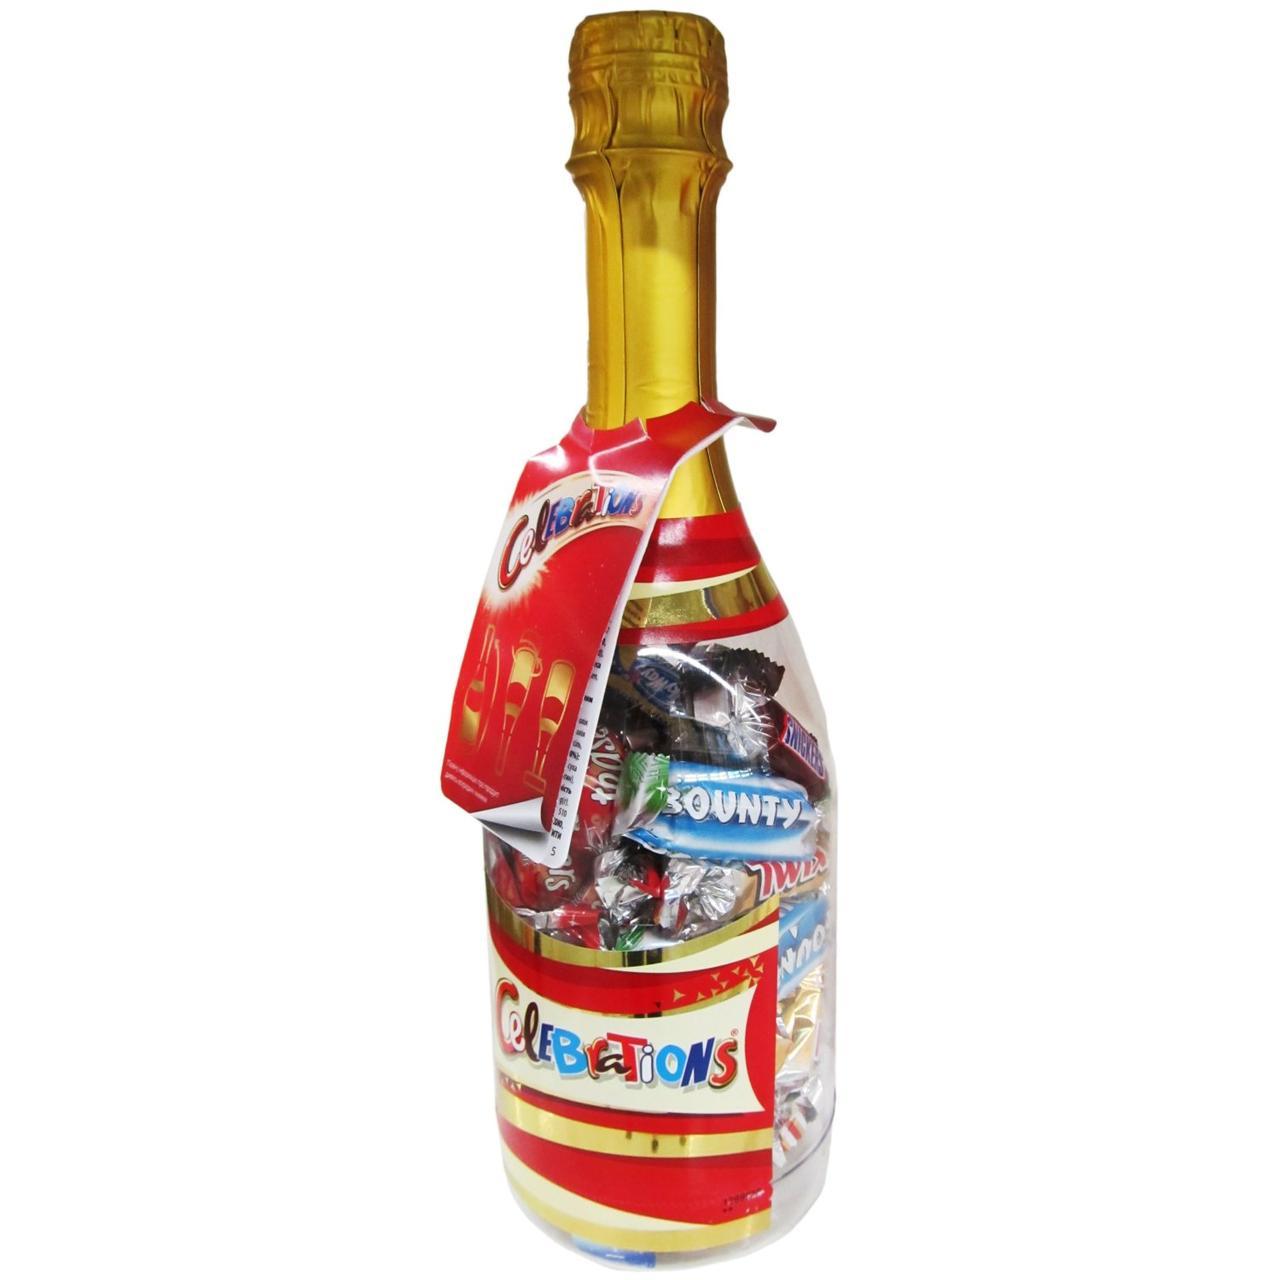 Конфет Celebrations в подарочной бутылке